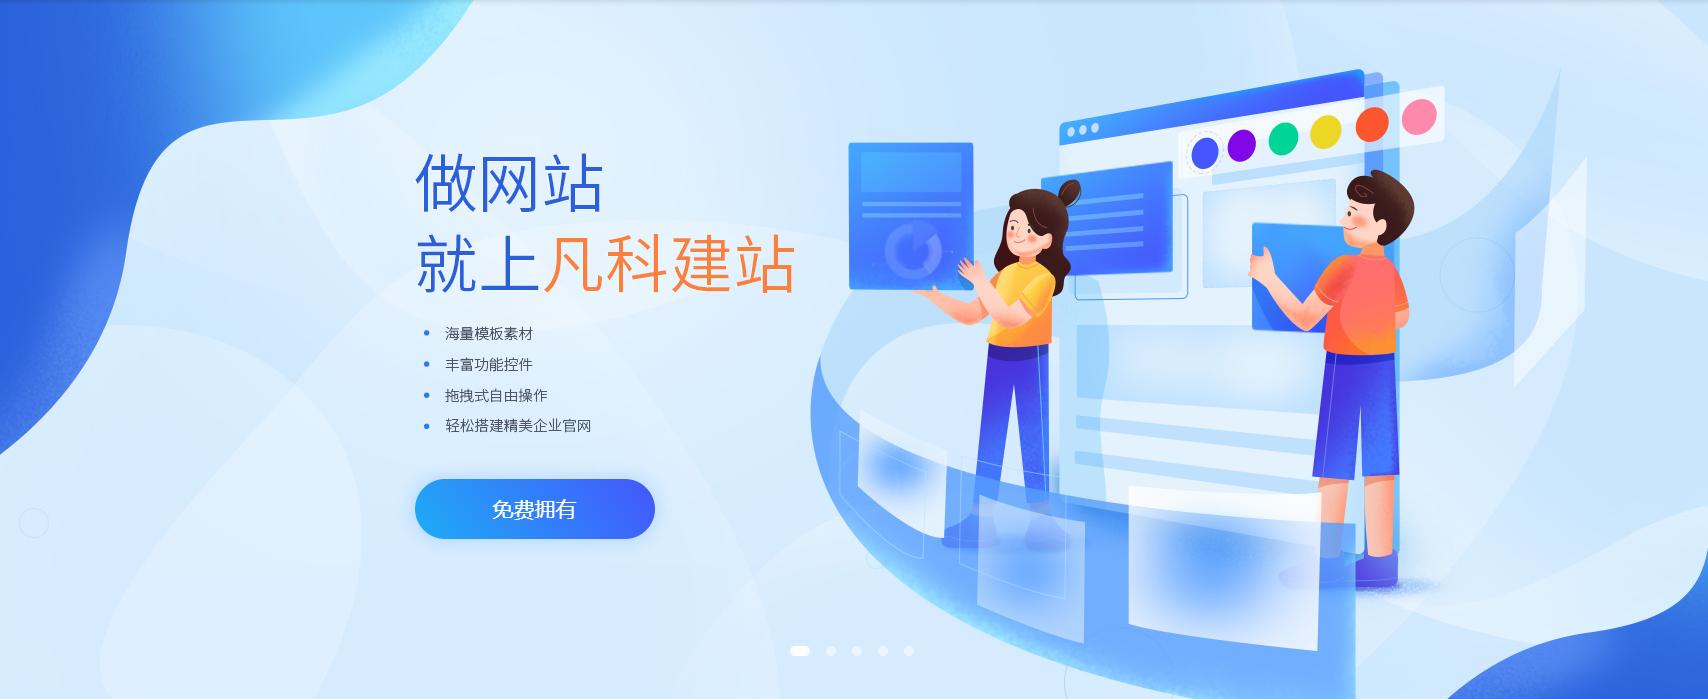 新人建网站